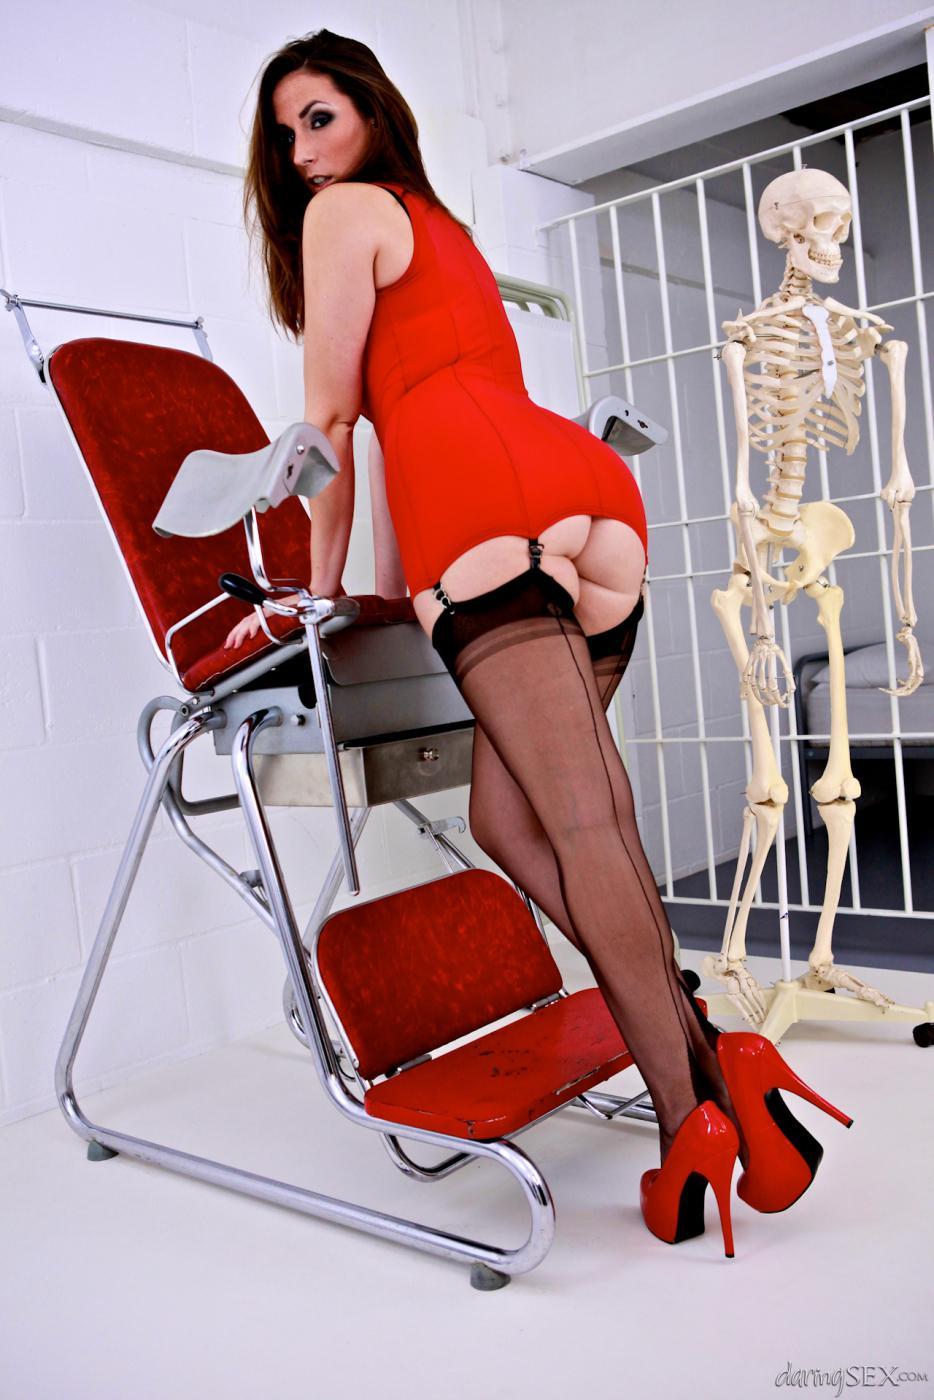 Милая детка Paige Turnah залезает на гинекологическое кресло и раздвигает ножки